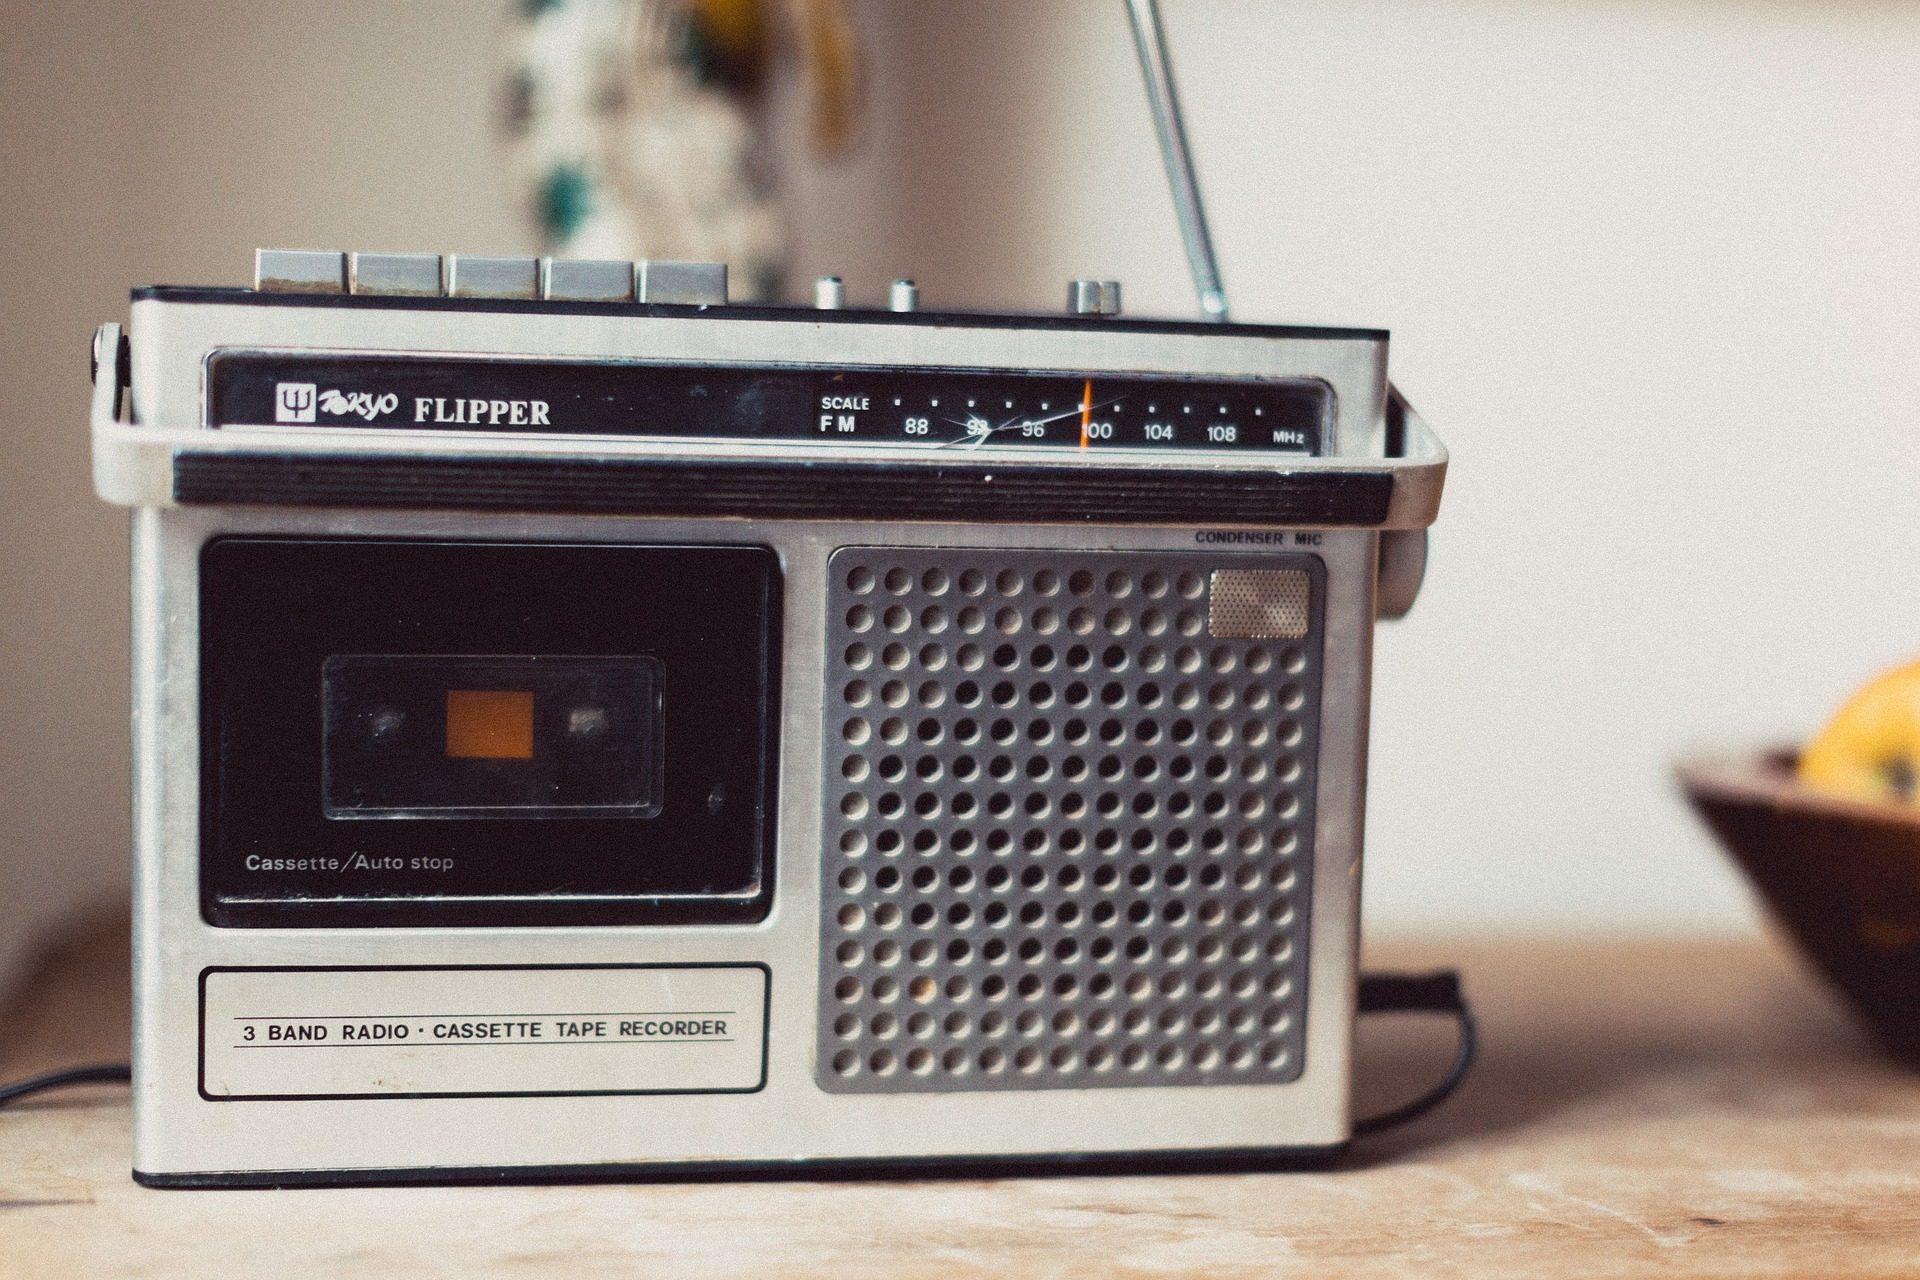 ラジオ, 古い, ヴィンテージ, アンテナ, 取付プレート, カセット - HD の壁紙 - 教授-falken.com